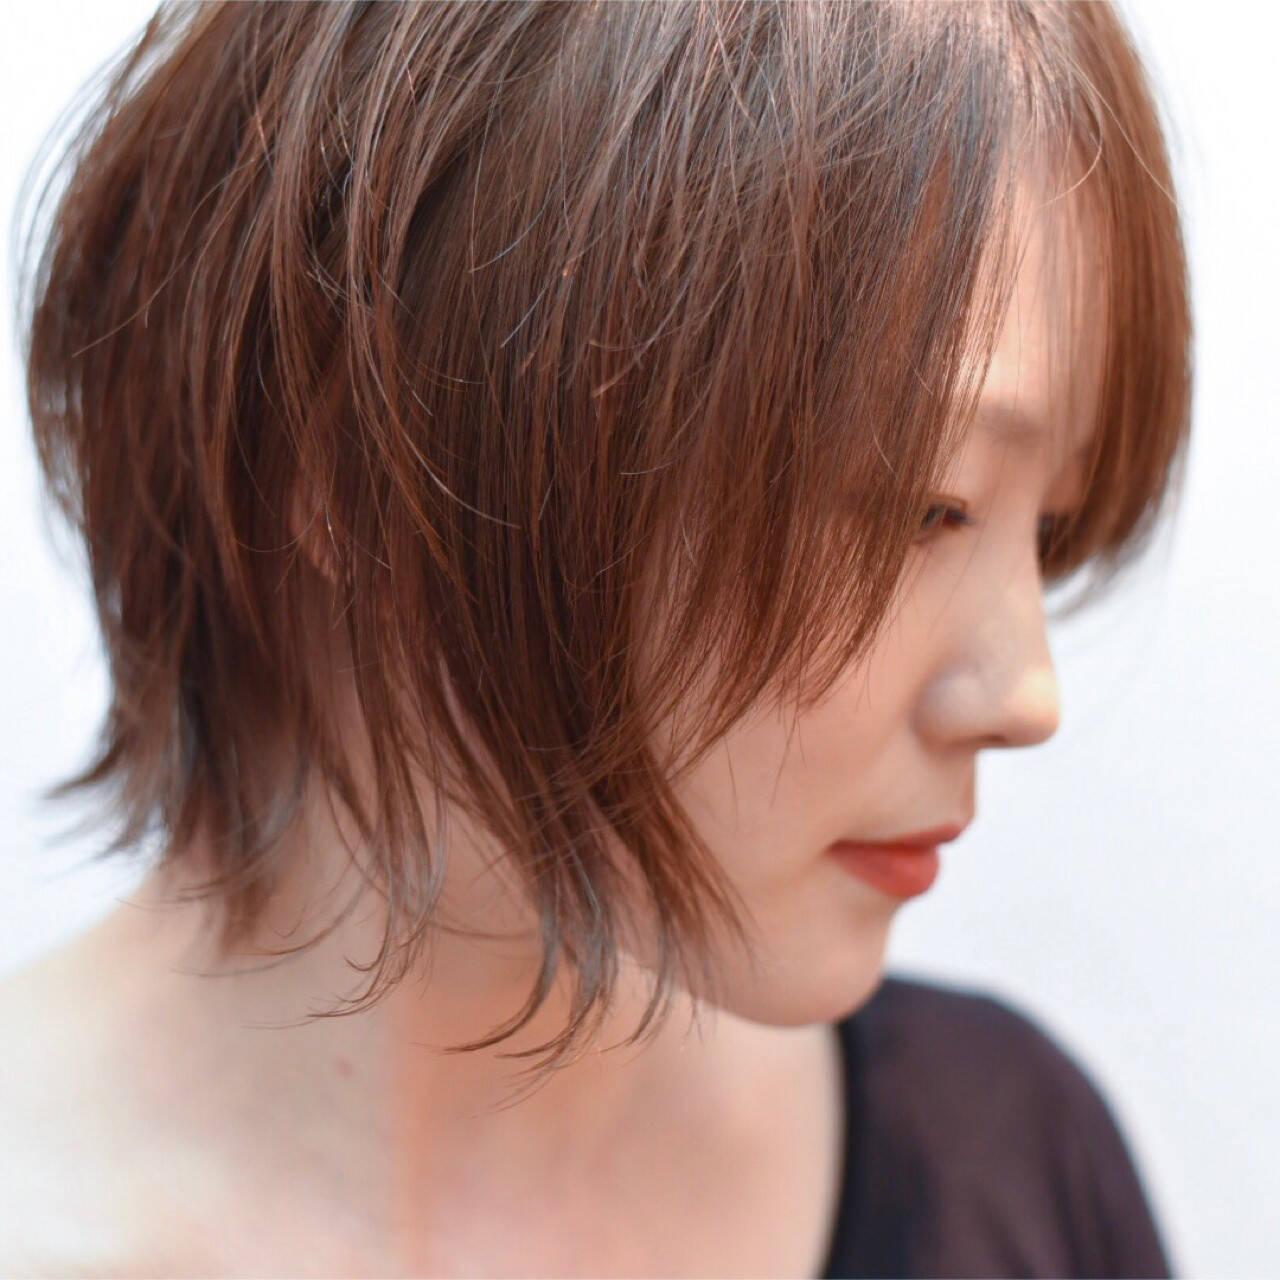 外国人風 大人かわいい ショート ハイライトヘアスタイルや髪型の写真・画像